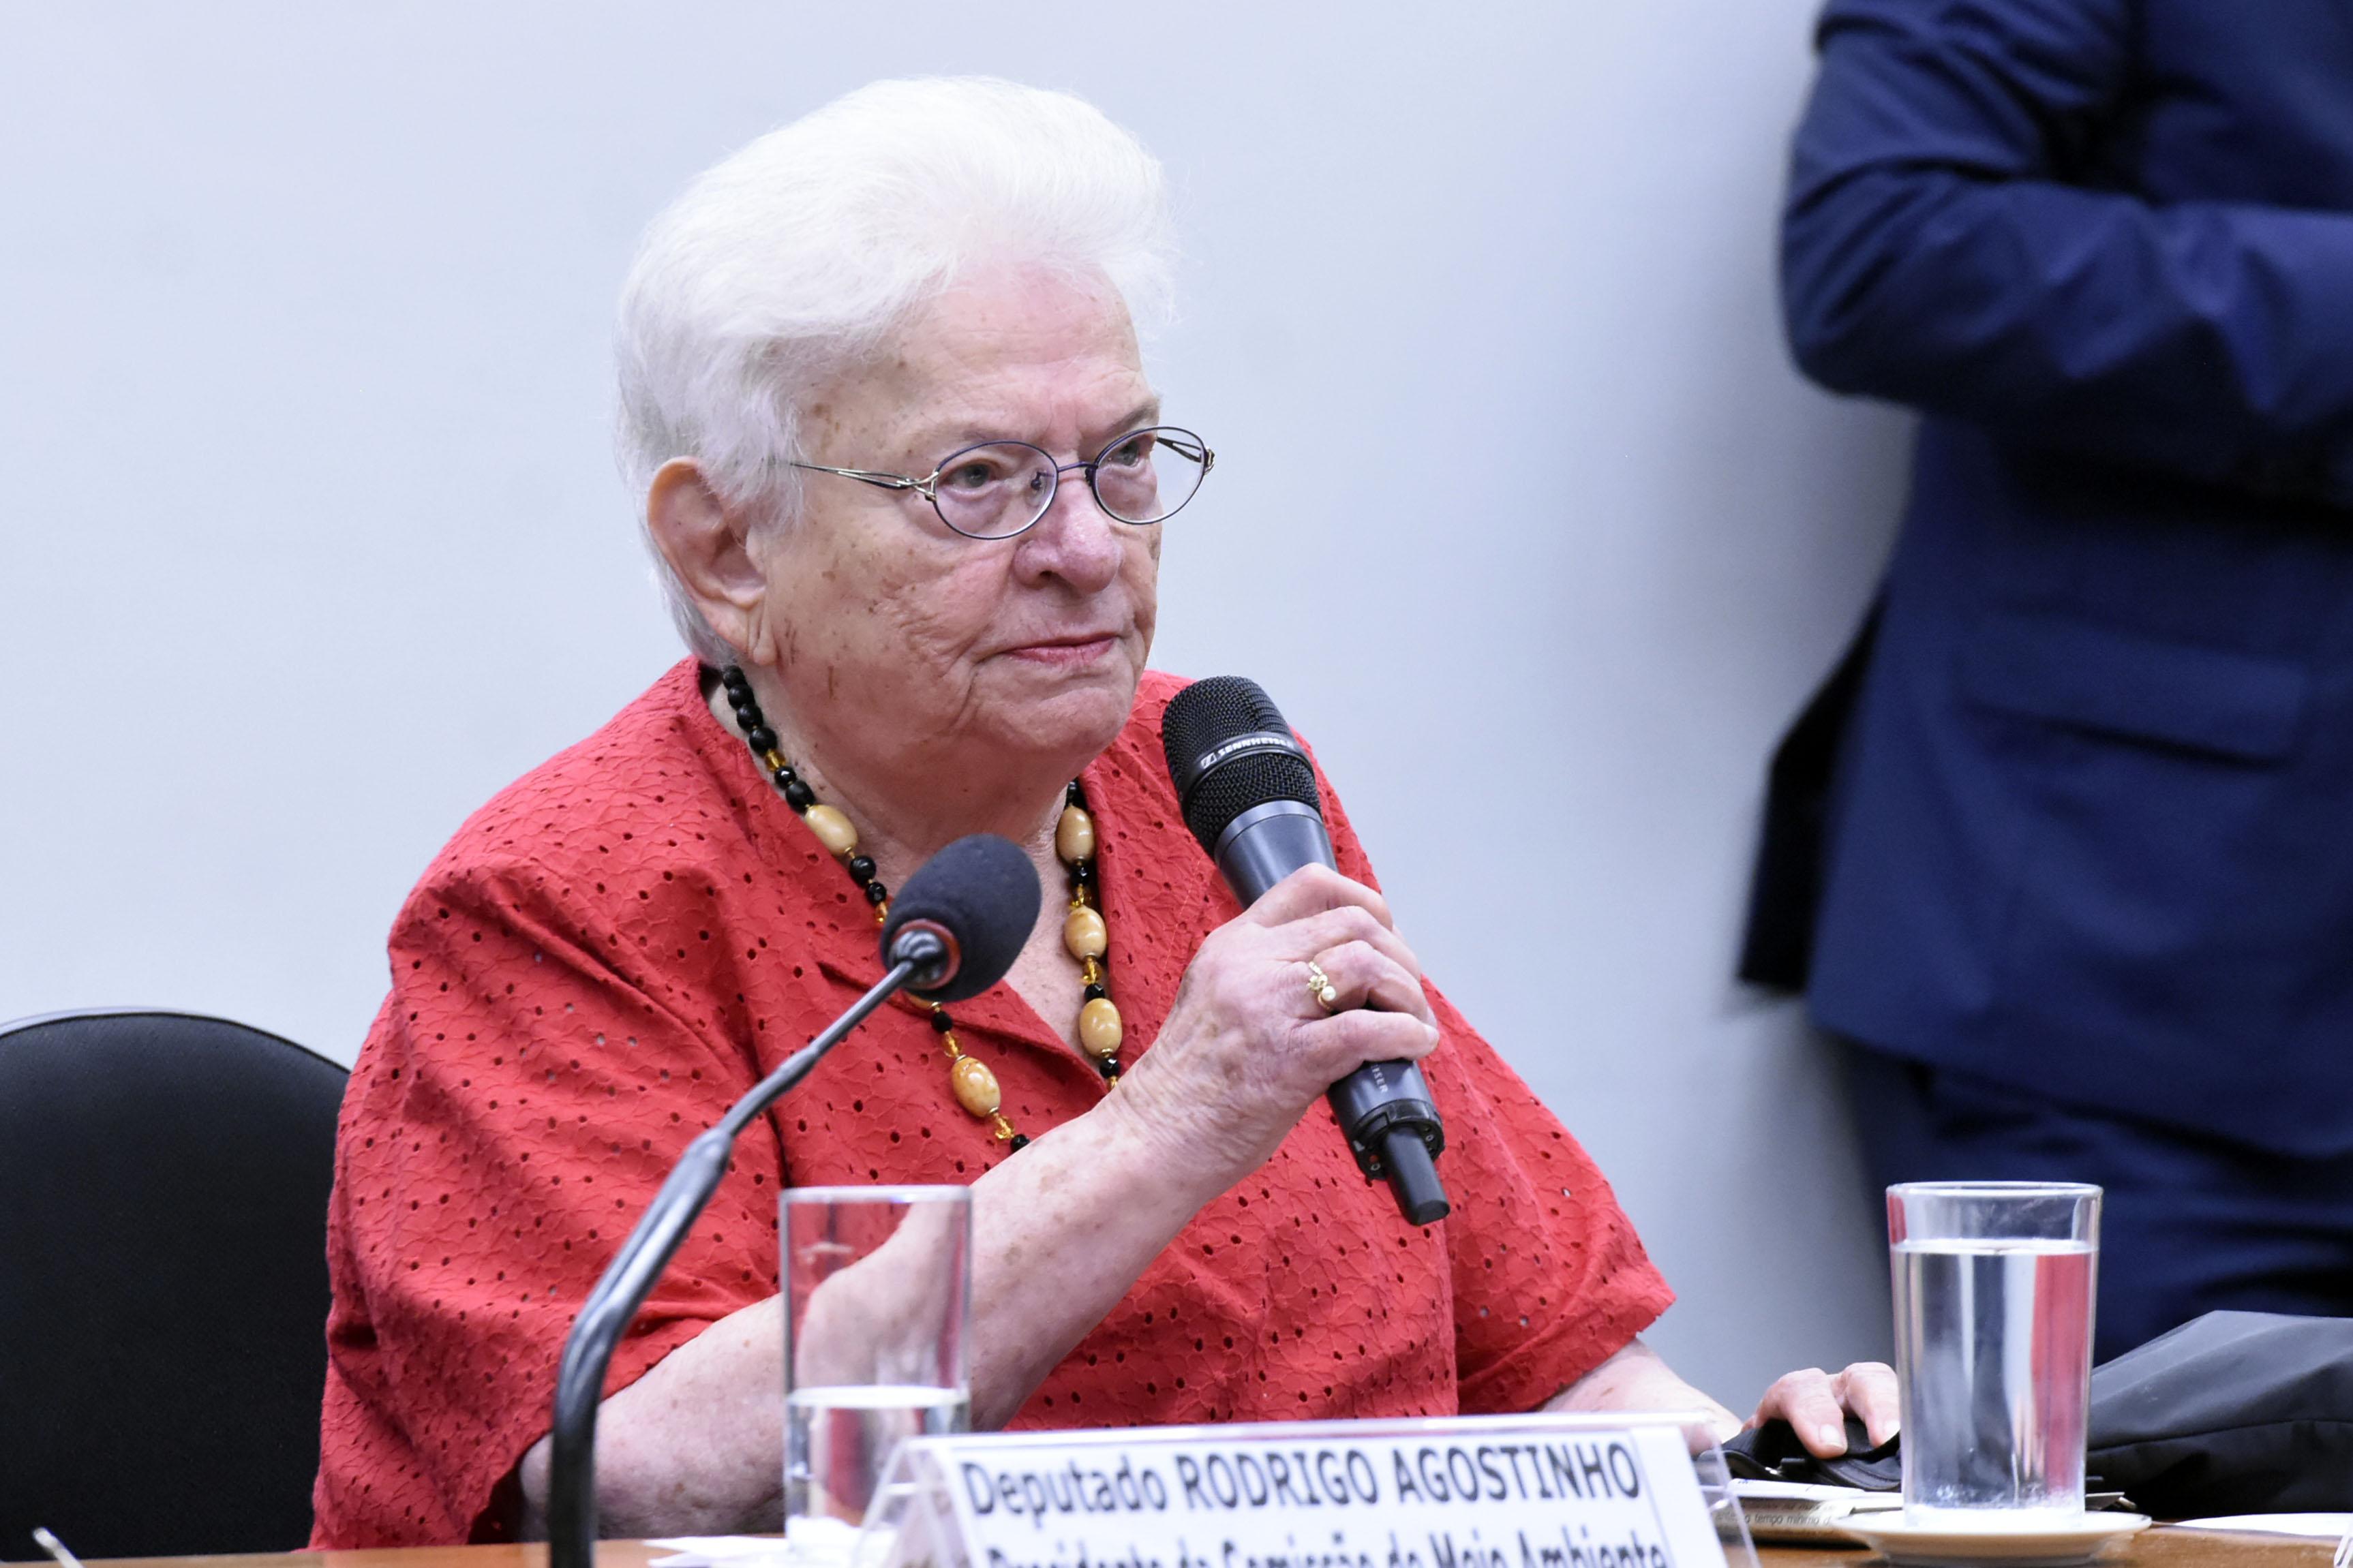 Audiência pública sobre o papel dos povos indígenas na proteção do meio ambiente e desenvolvimento sustentável. Dep. Luiza Erundina (PSOL - SP)